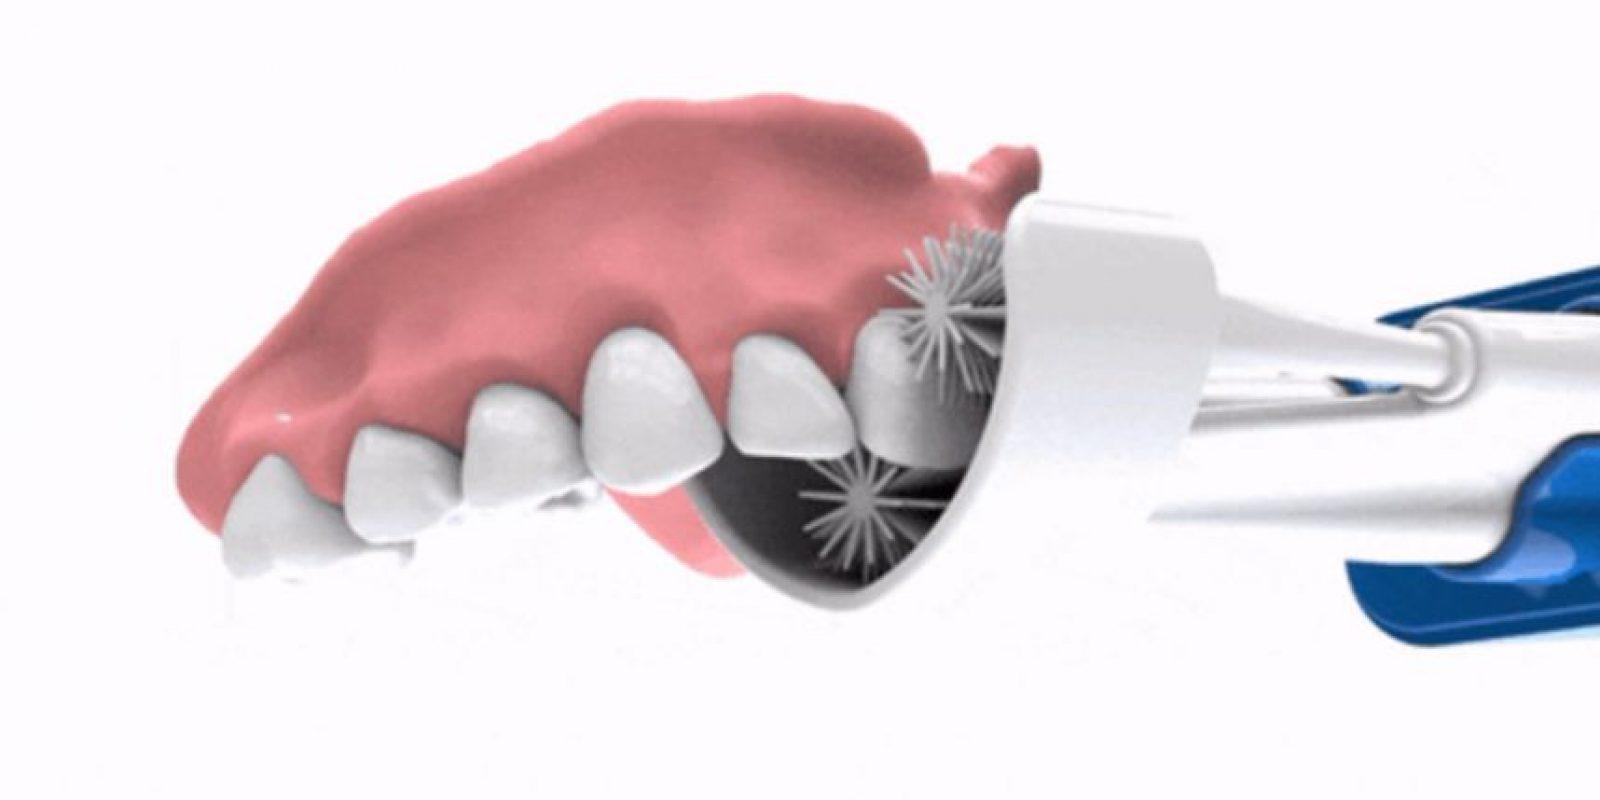 Así funciona el cepillo inteligente. Foto:GlareSmile. Imagen Por: